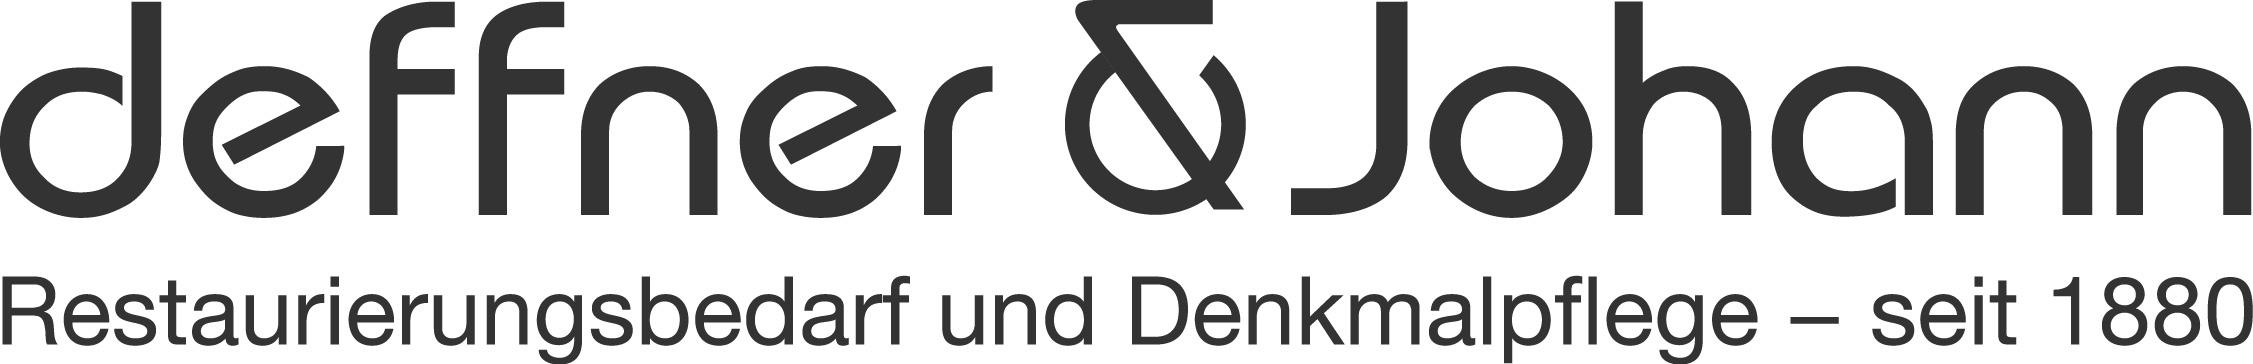 DeffnerJohann_Logo